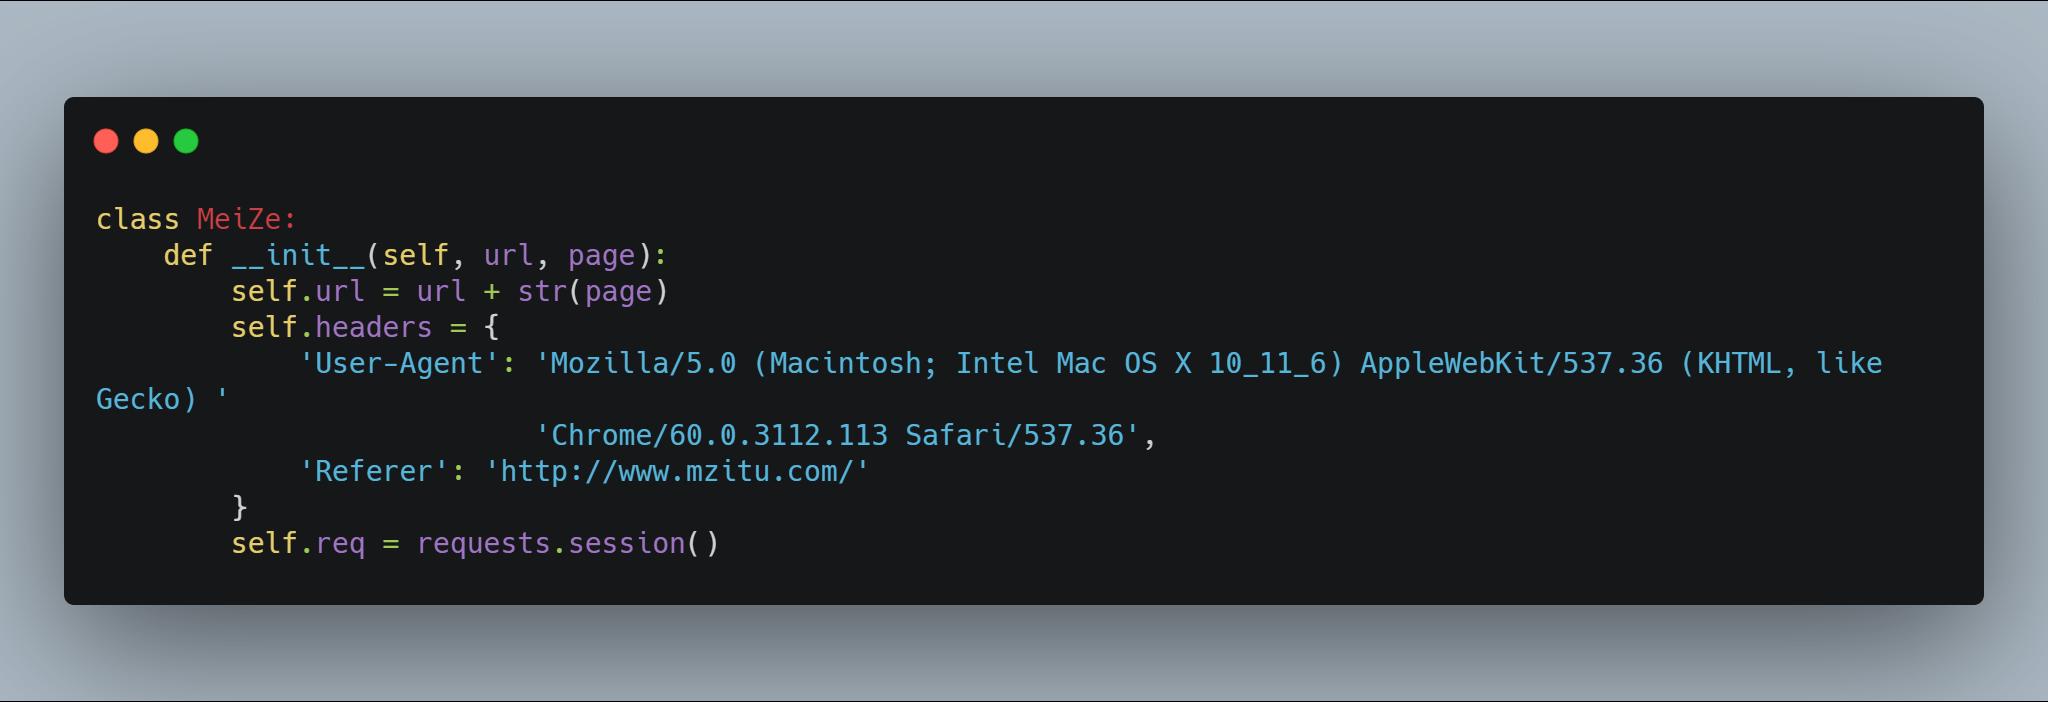 单击鼠标所展示的浮动文字特效的js